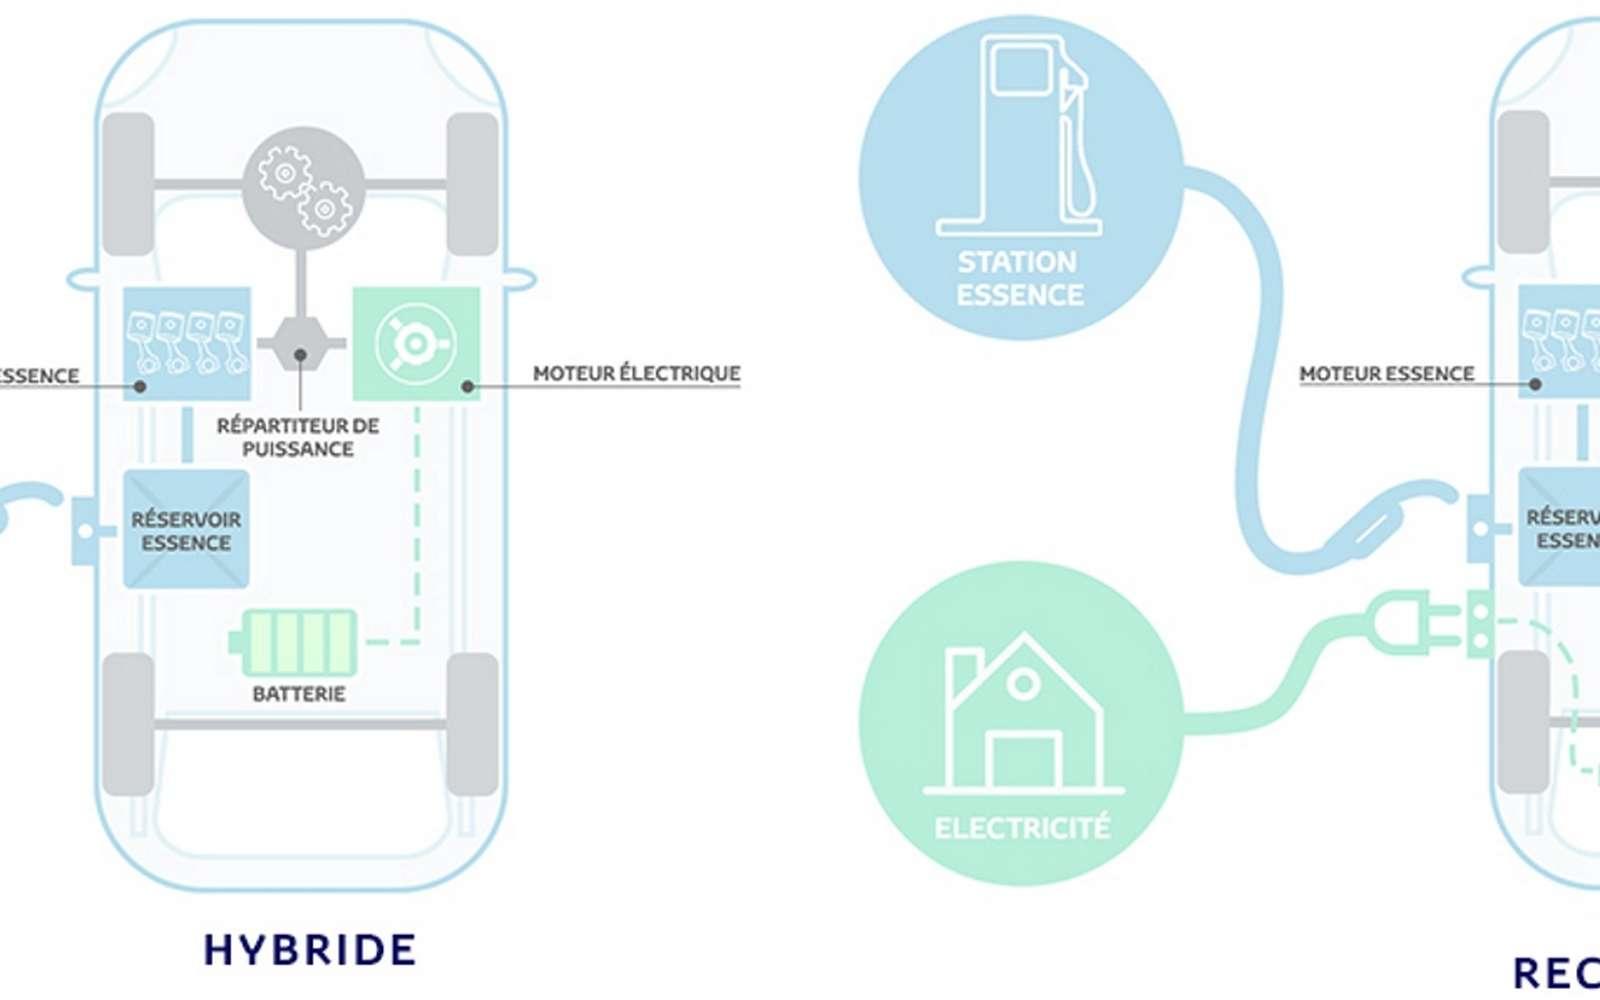 La technologie hybride combine le meilleur des deux mondes, avec un moteur thermique et électrique. L'électrique fonctionne à faible allure et vient soutenir le moteur thermique lors des accélération. Une variante permettant de recharger la batterie pour plus d'autonomie existe. Elle reste onéreuse. © Toyota